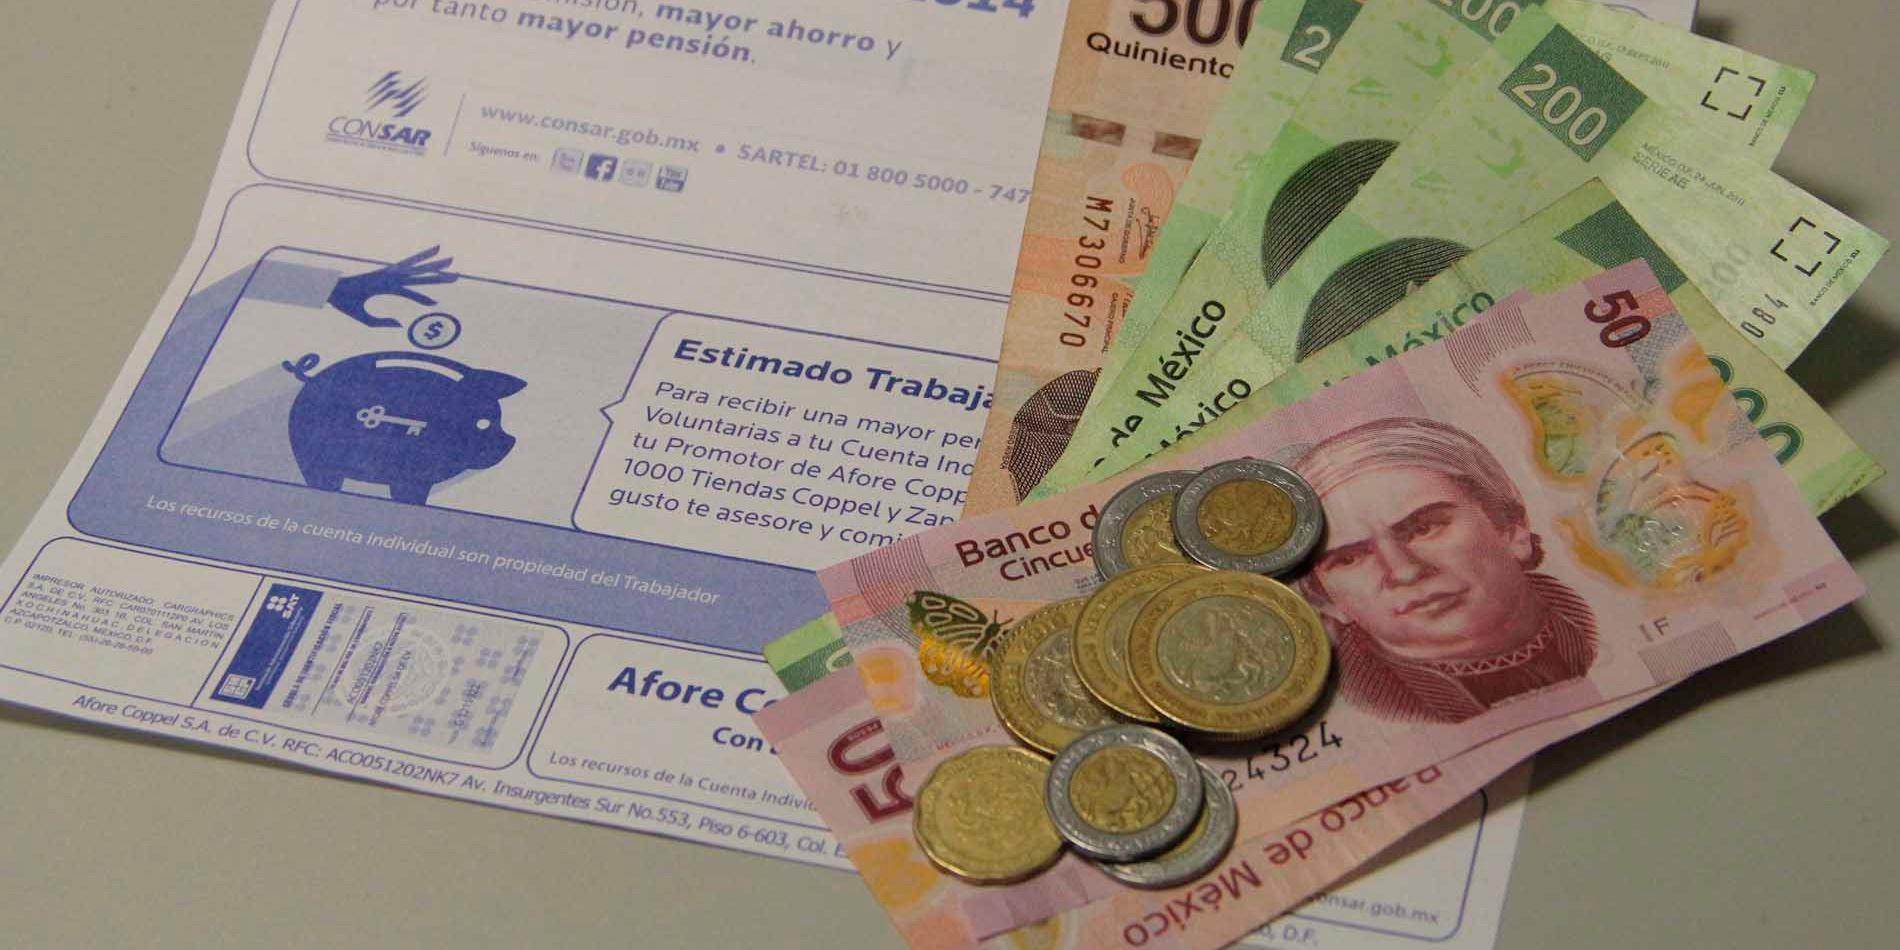 Prodecon pide reducir impuestos sobre el retiro de pensión